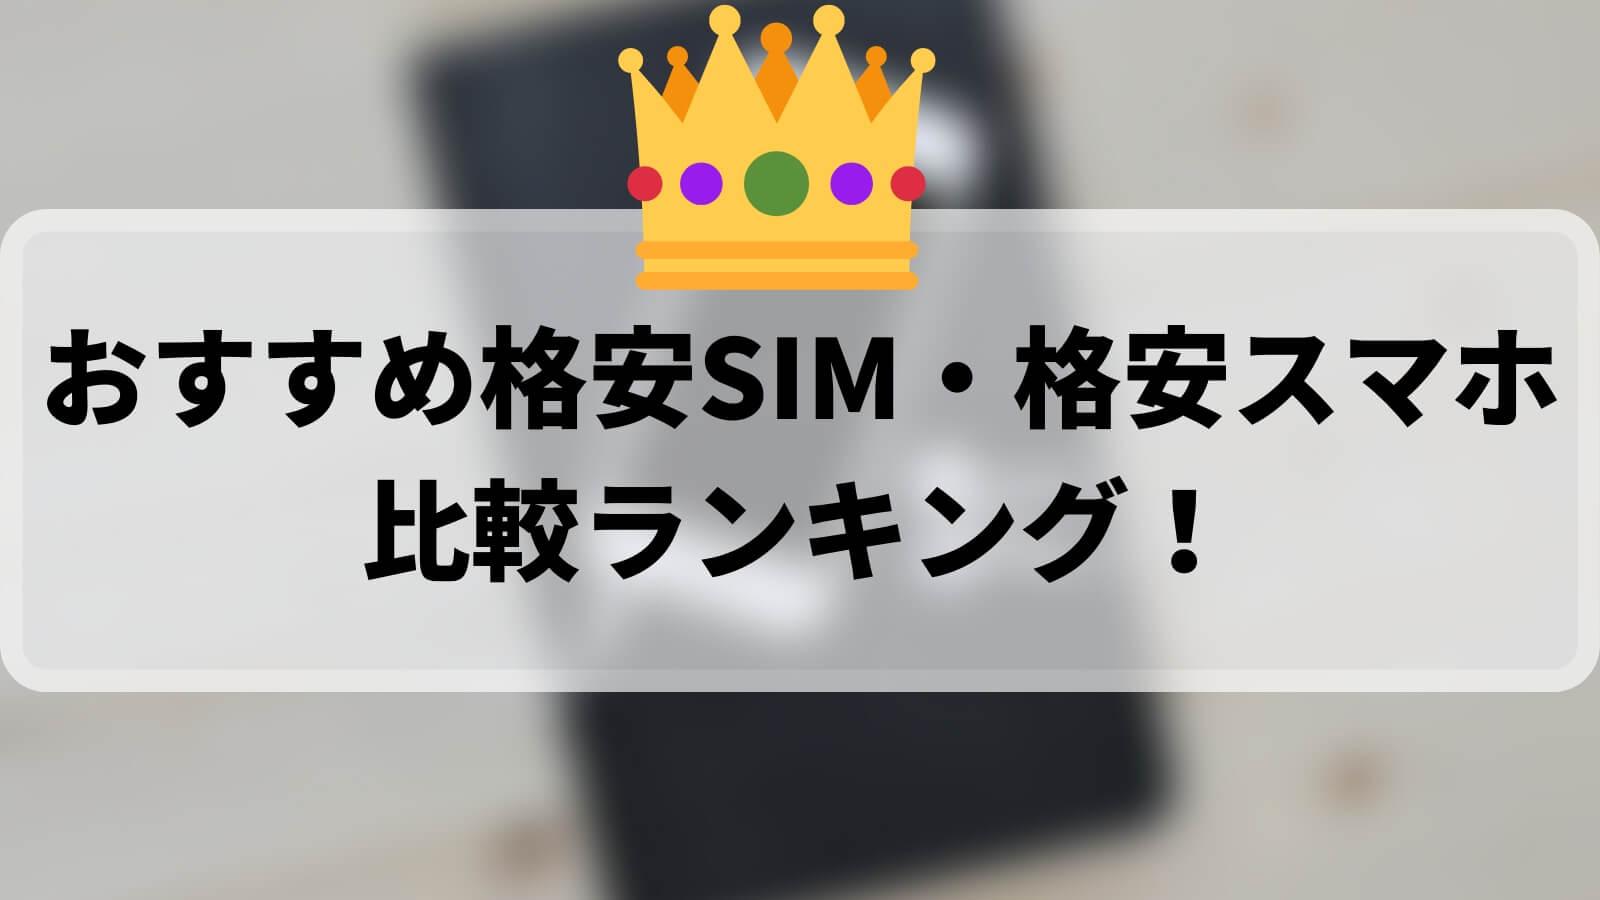 おすすめ格安SIM・格安スマホ比較ランキング